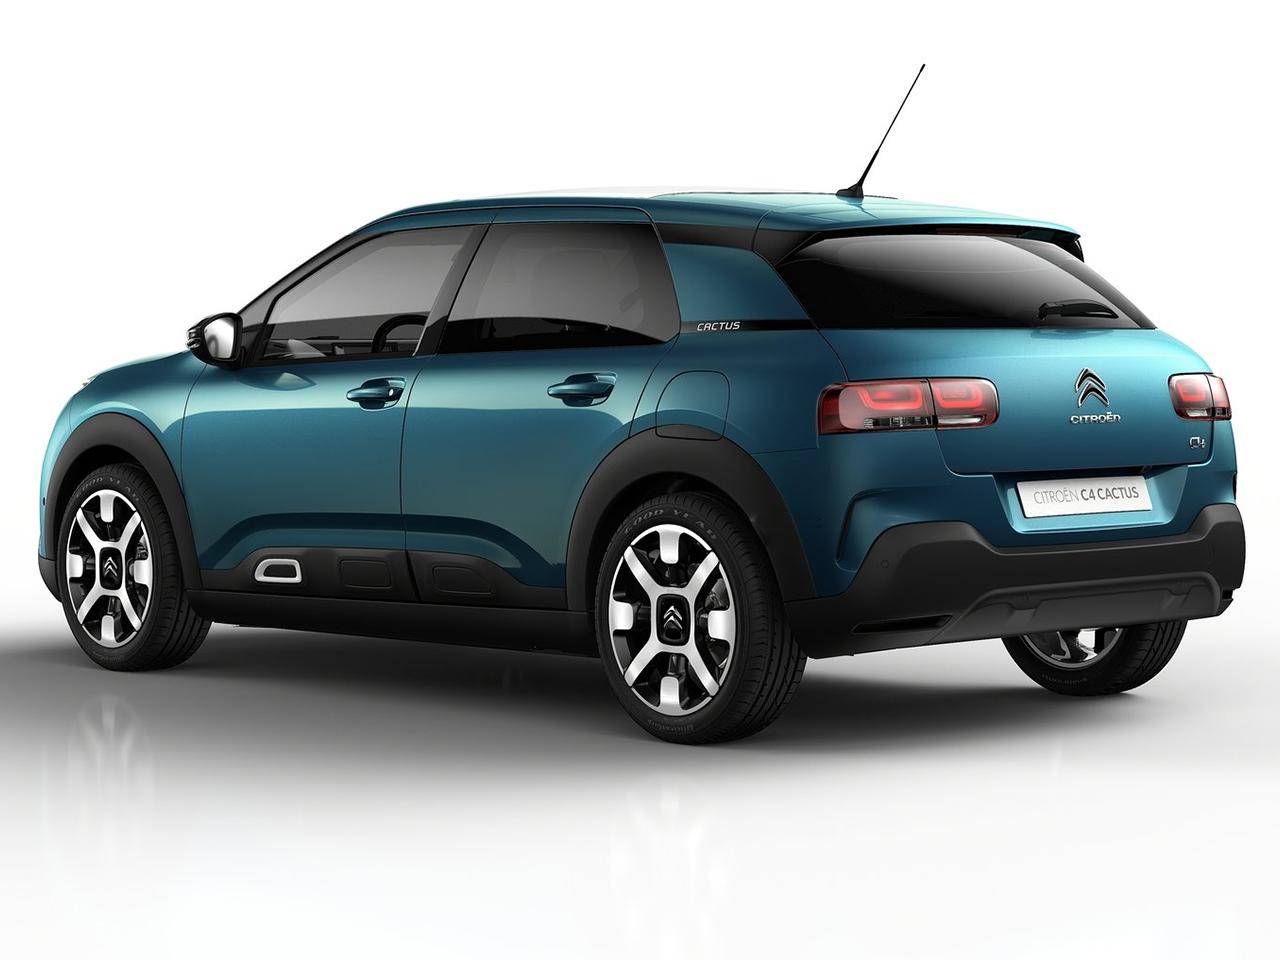 Citroën C4 Cactus exterior